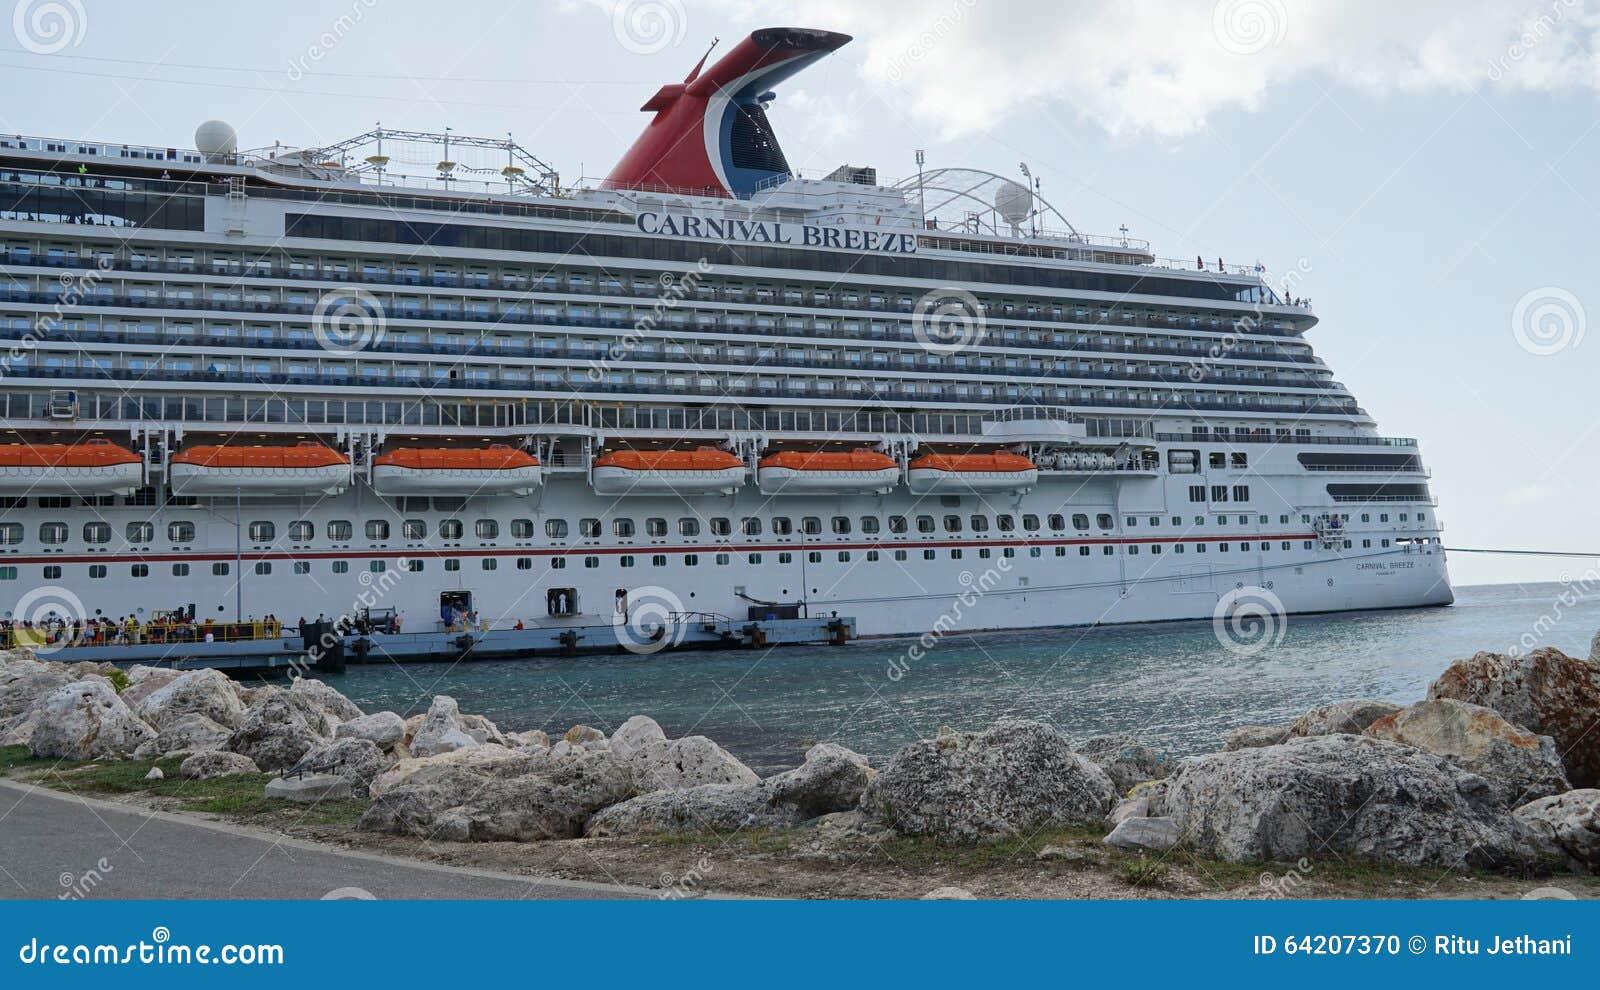 Brisa del carnaval atracada en Willemstad, Curaçao